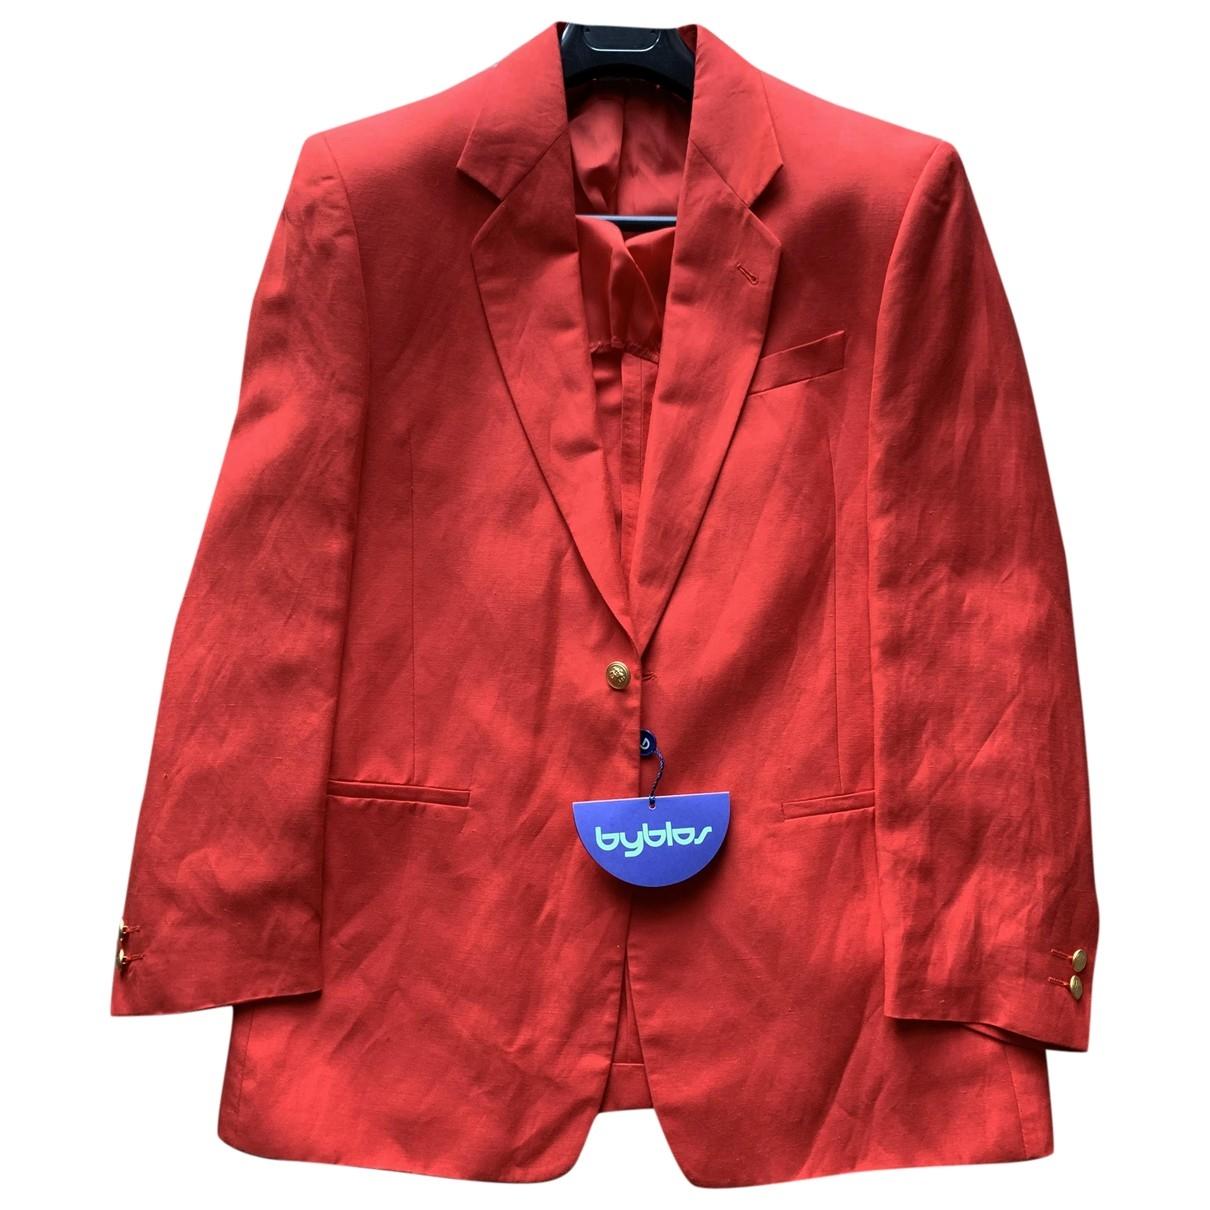 Byblos \N Red Linen jacket  for Men 48 IT